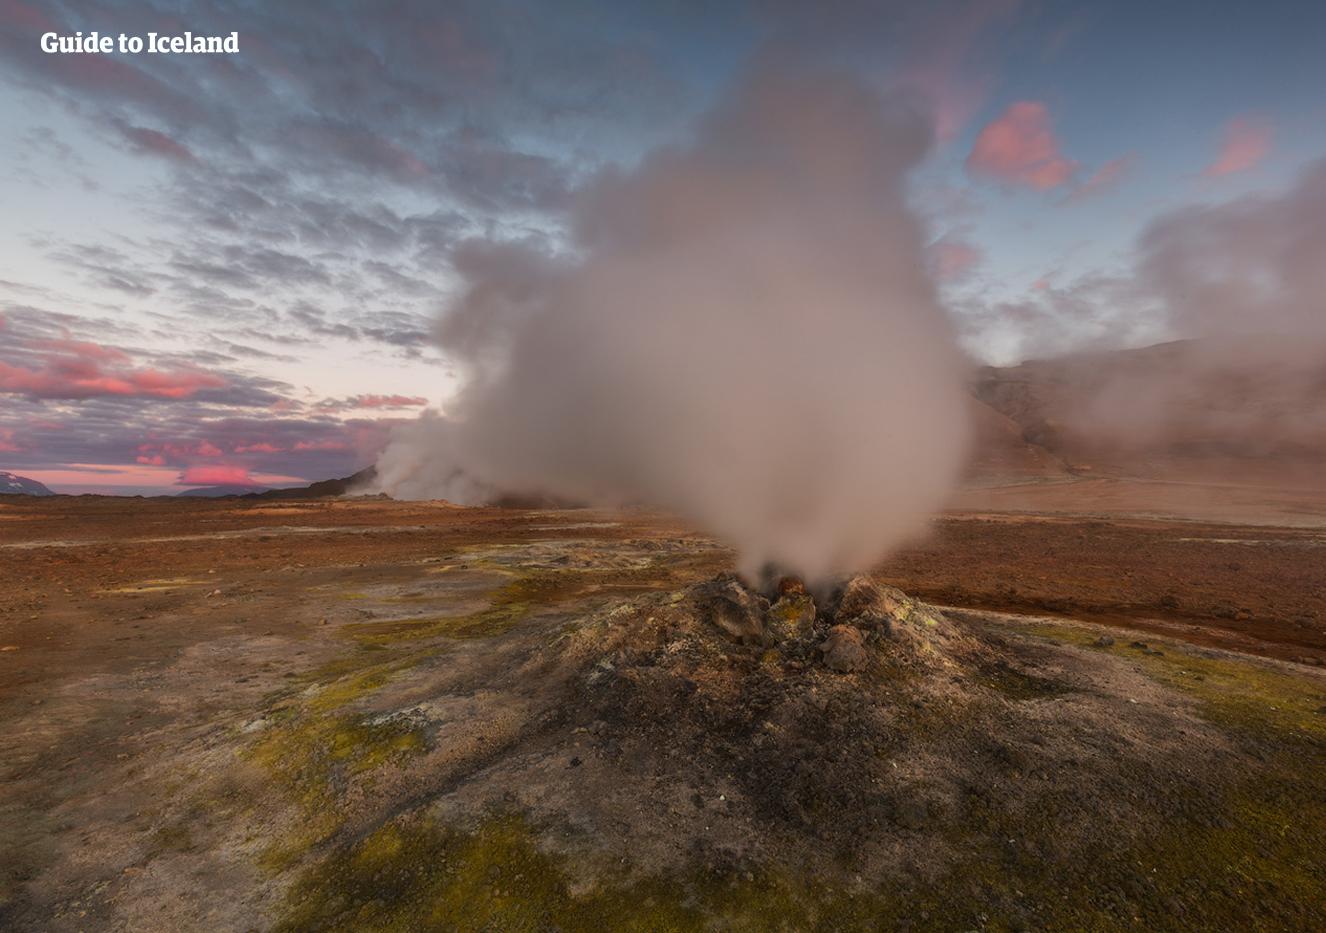 Det geotermiske område nær Mývatn-søen er fyldt med boblende mudderbassiner og fumaroler